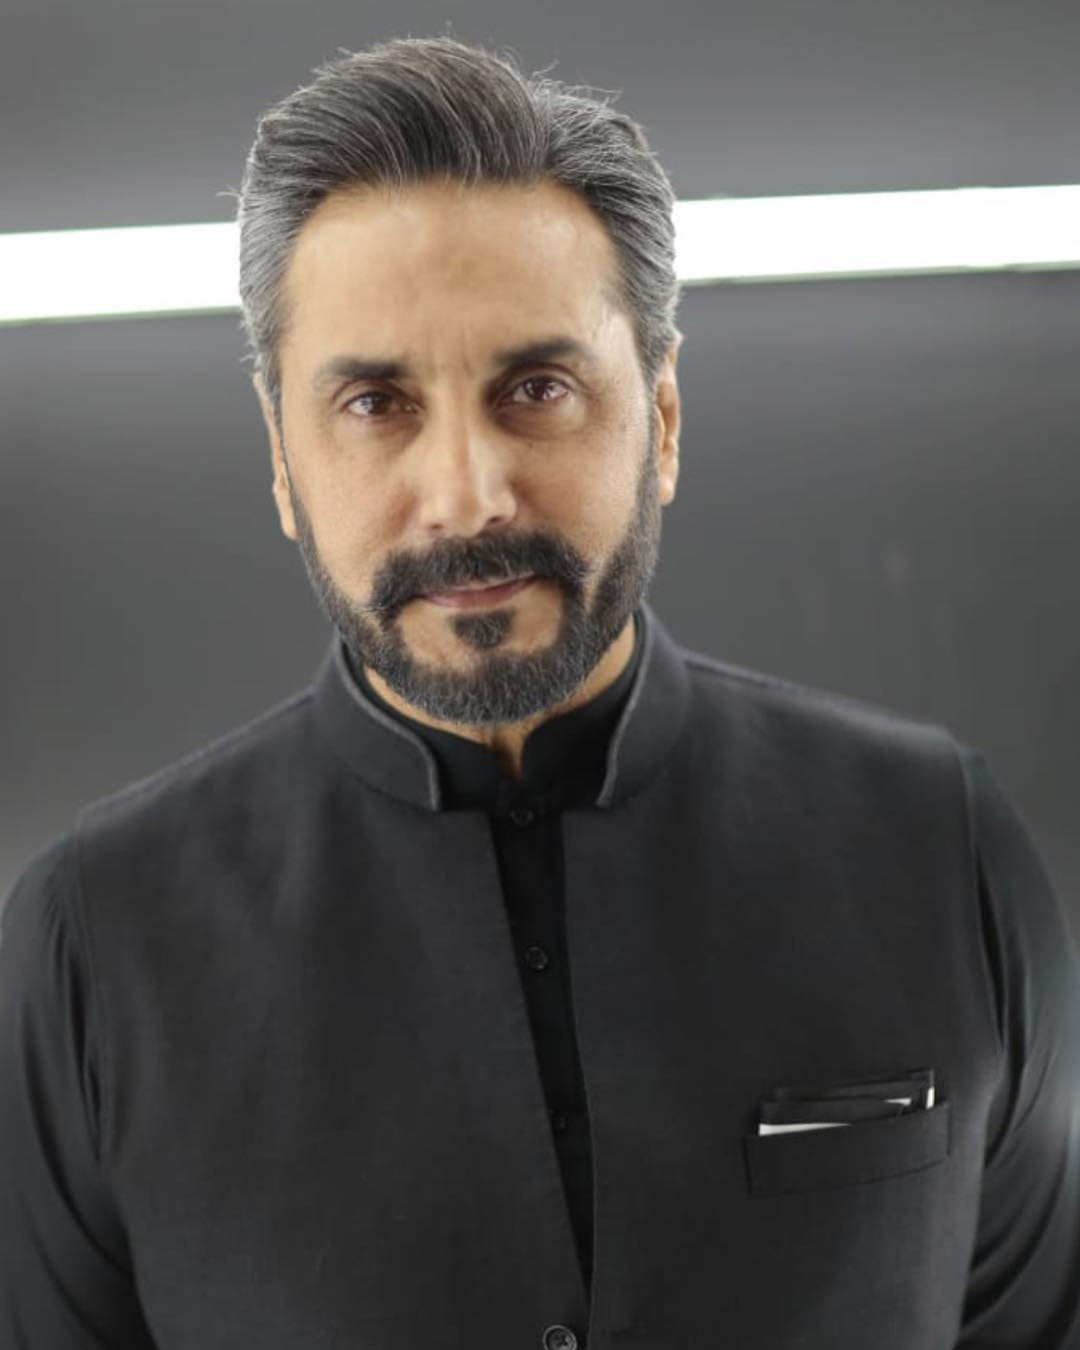 عدنان صدیقی کا شمار پاکستان کے نامور اداکاروں میں کیا جاتا ہے — فوٹو/عدنان صدیقی انسٹاگرام